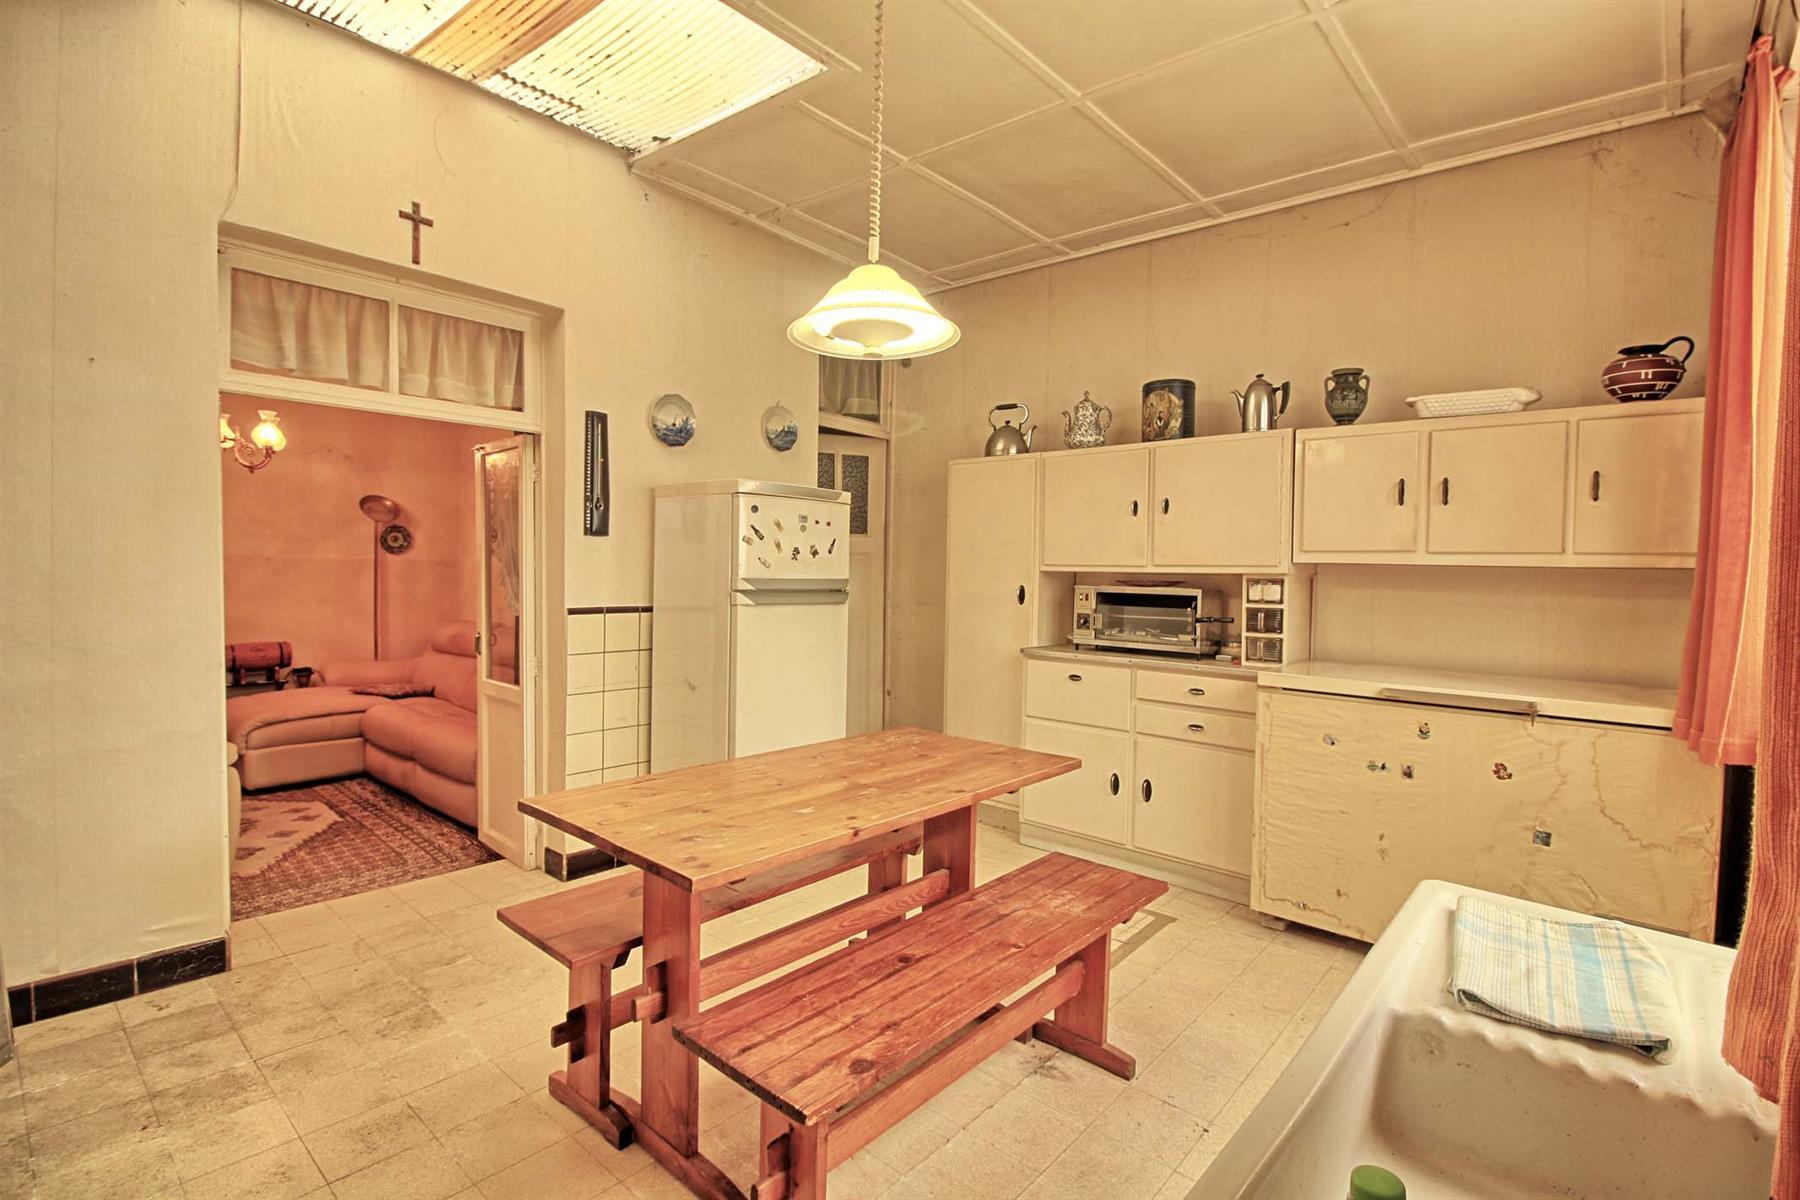 Maison unifamiliale - Woluwe-Saint-Lambert - #4106876-4